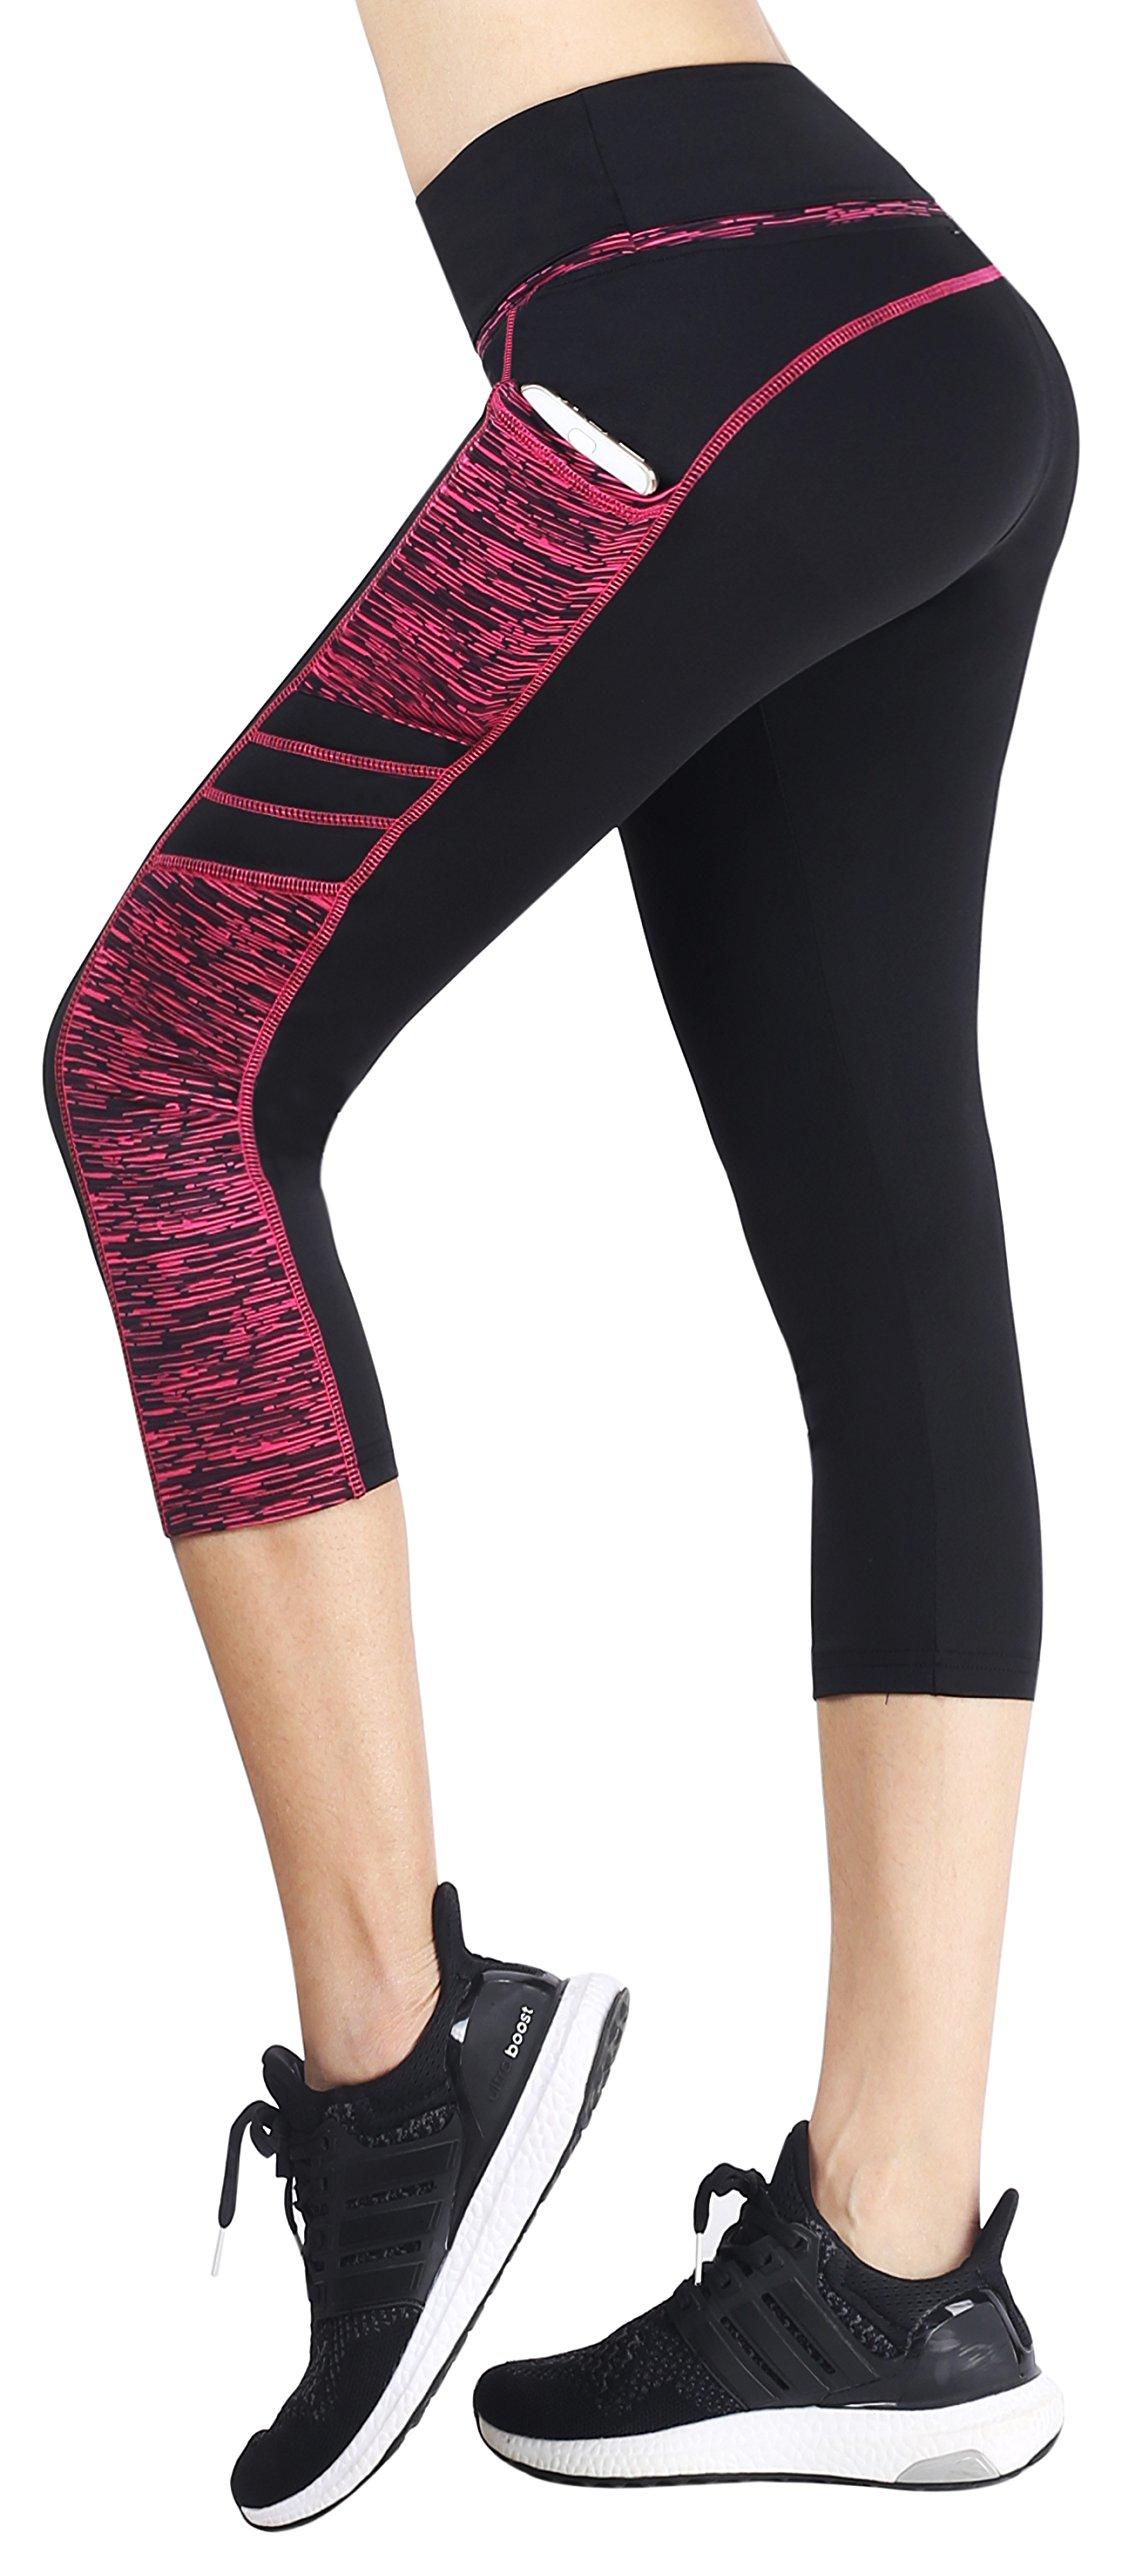 Sugar Pocket Women's Capris Tights Workout Running Leggings Yoga Pants M (BK/Rose)